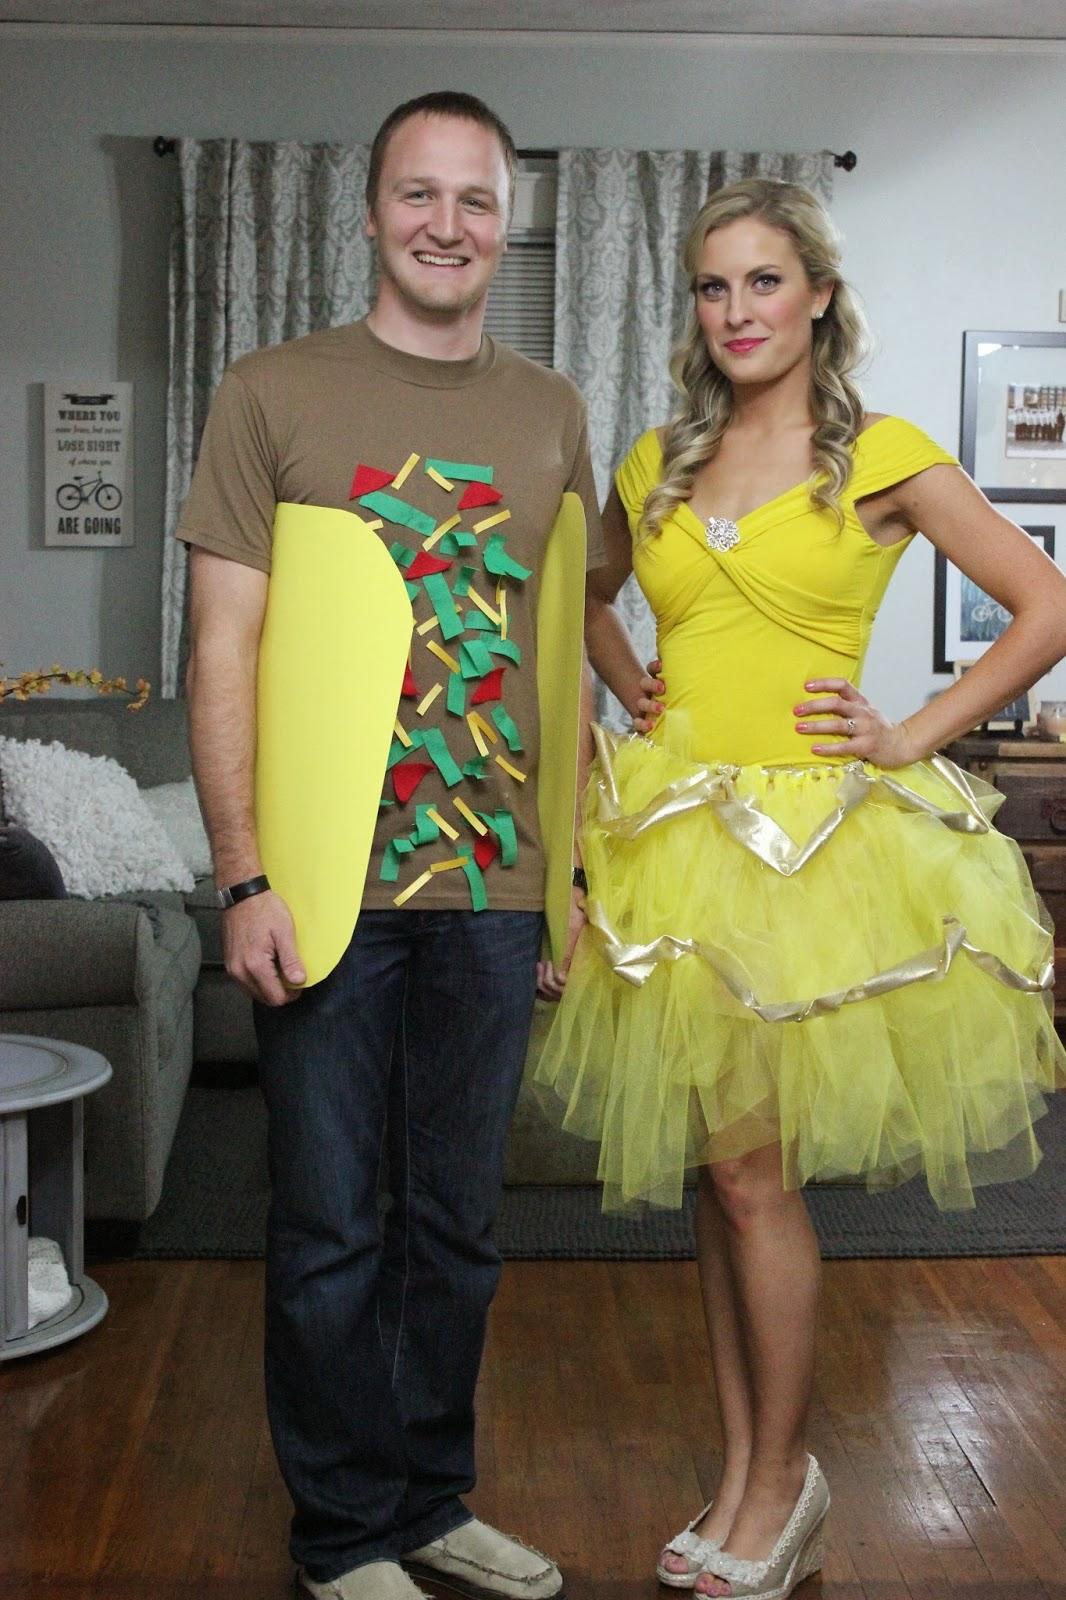 Katie in Kansas: DIY Couples Halloween Costume Ideas